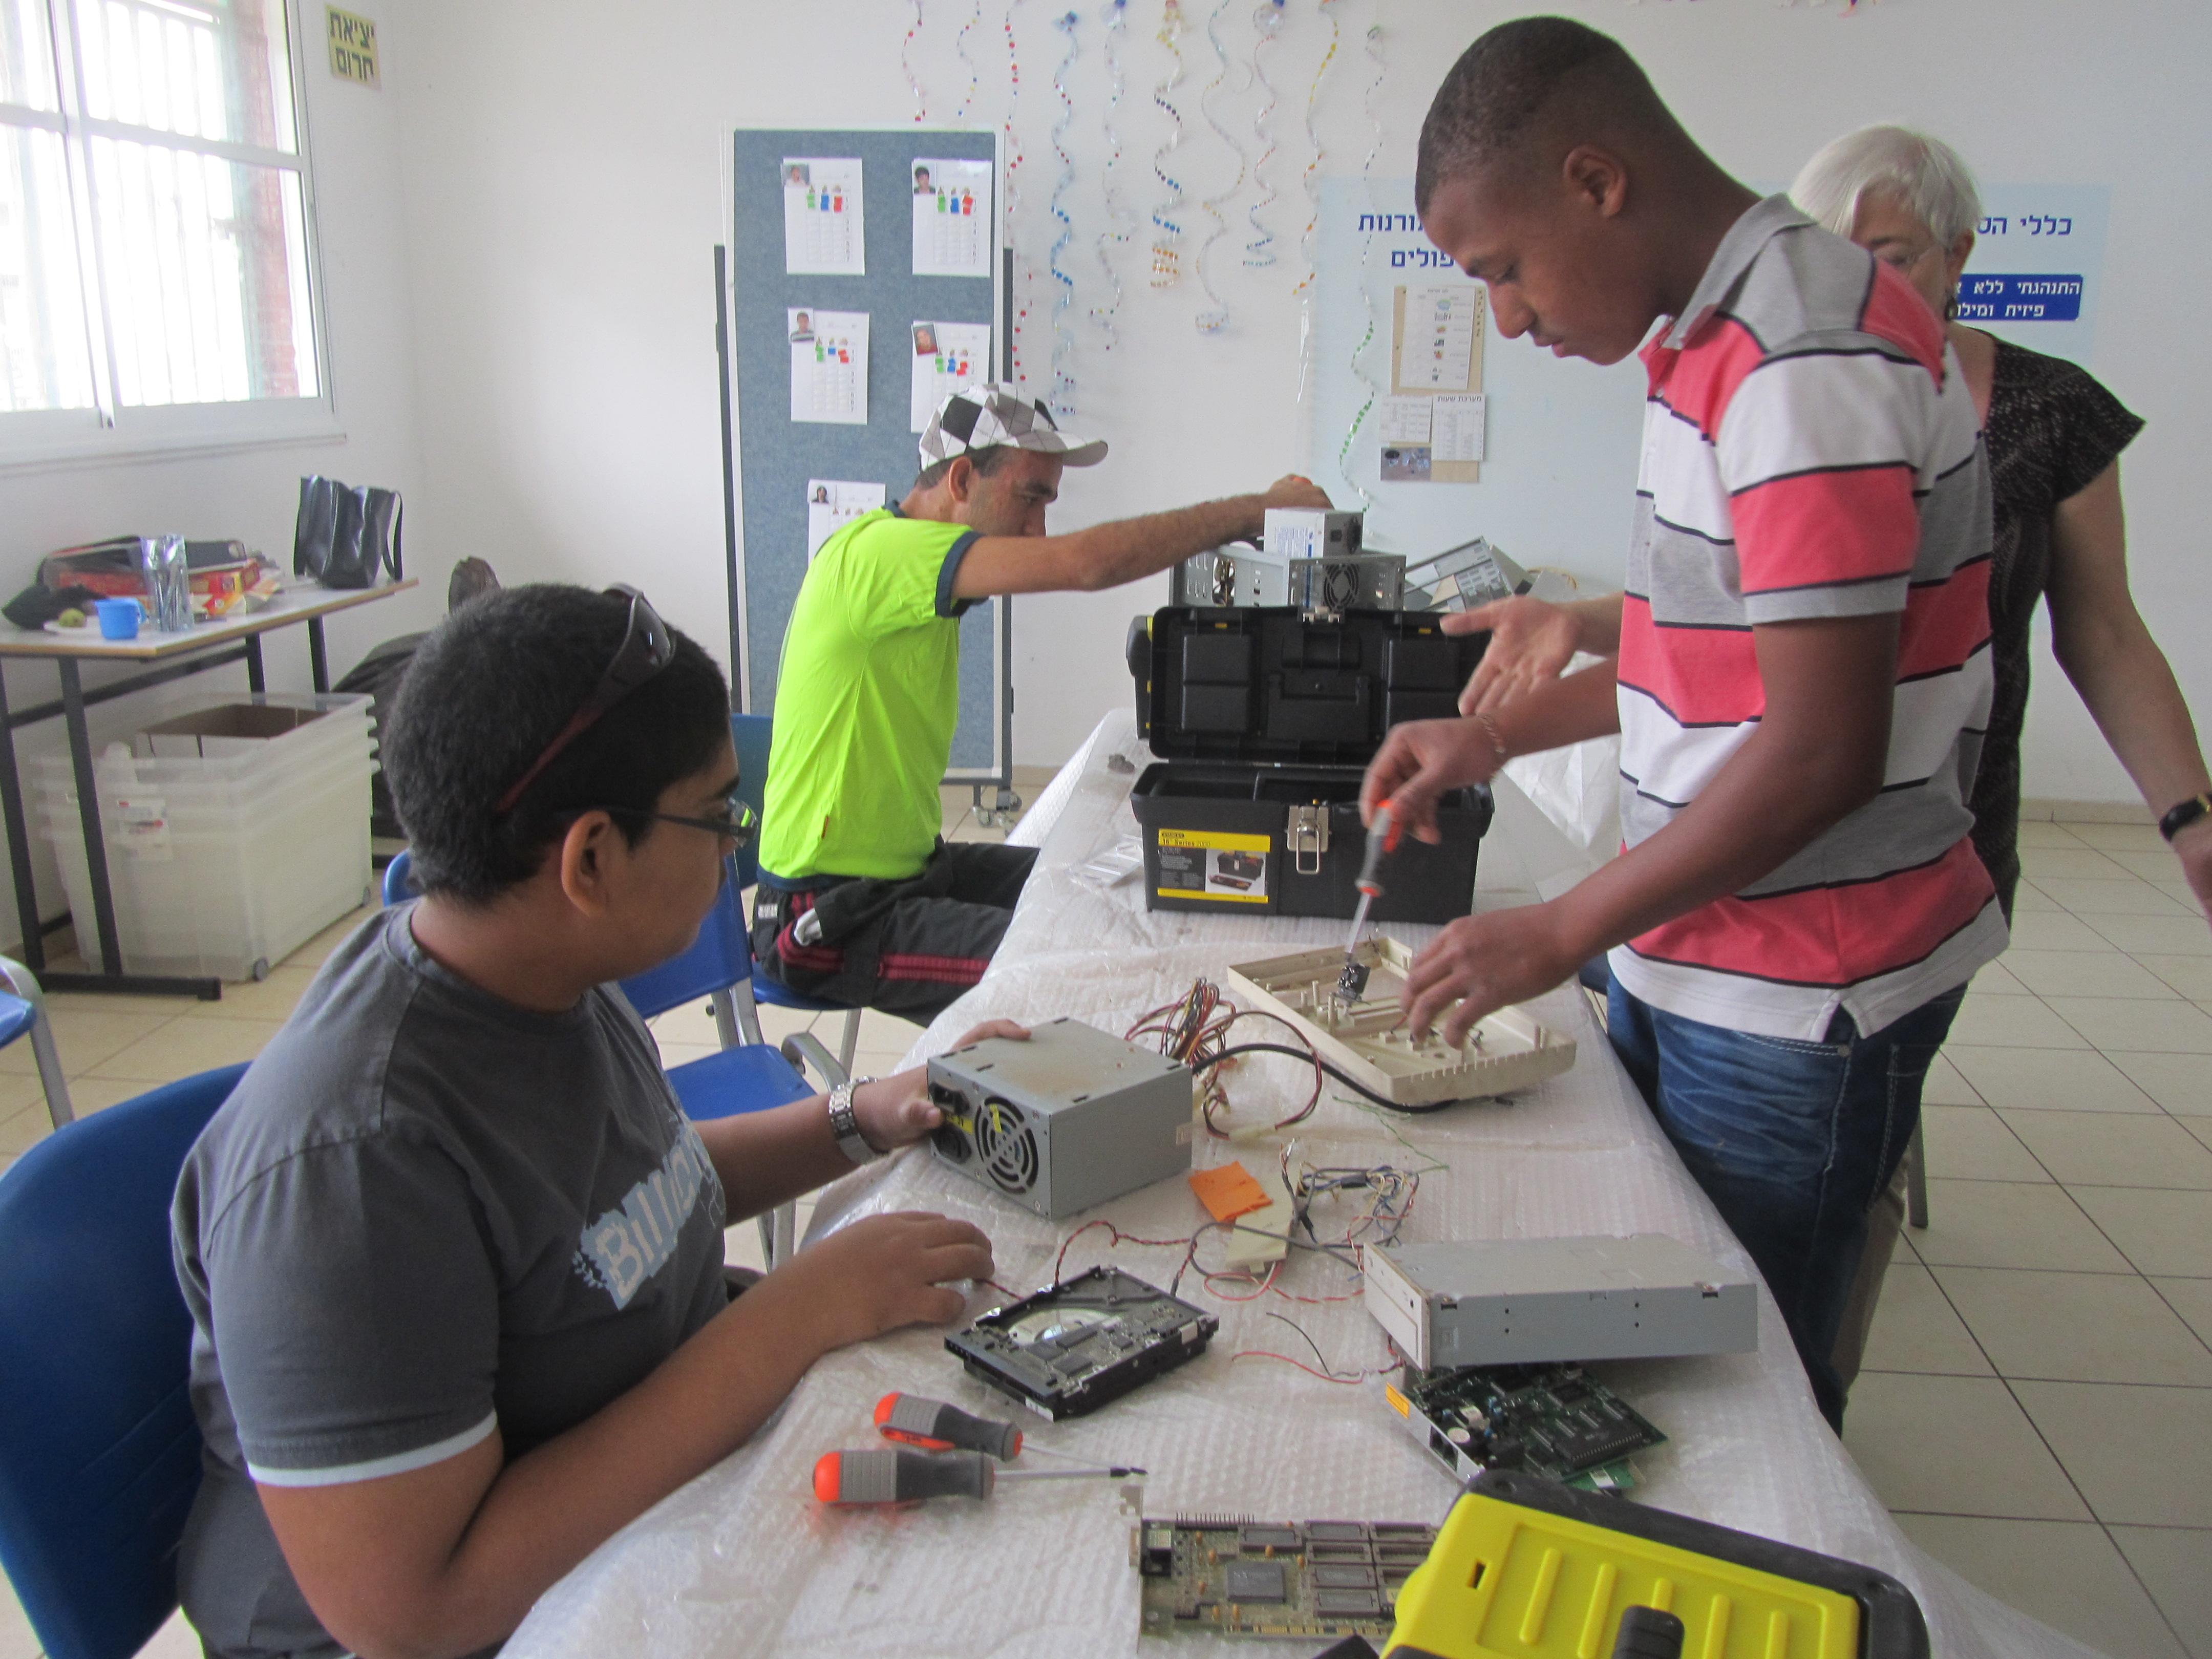 פירוק פסולת אלקטרונית בבית ספר יובלים